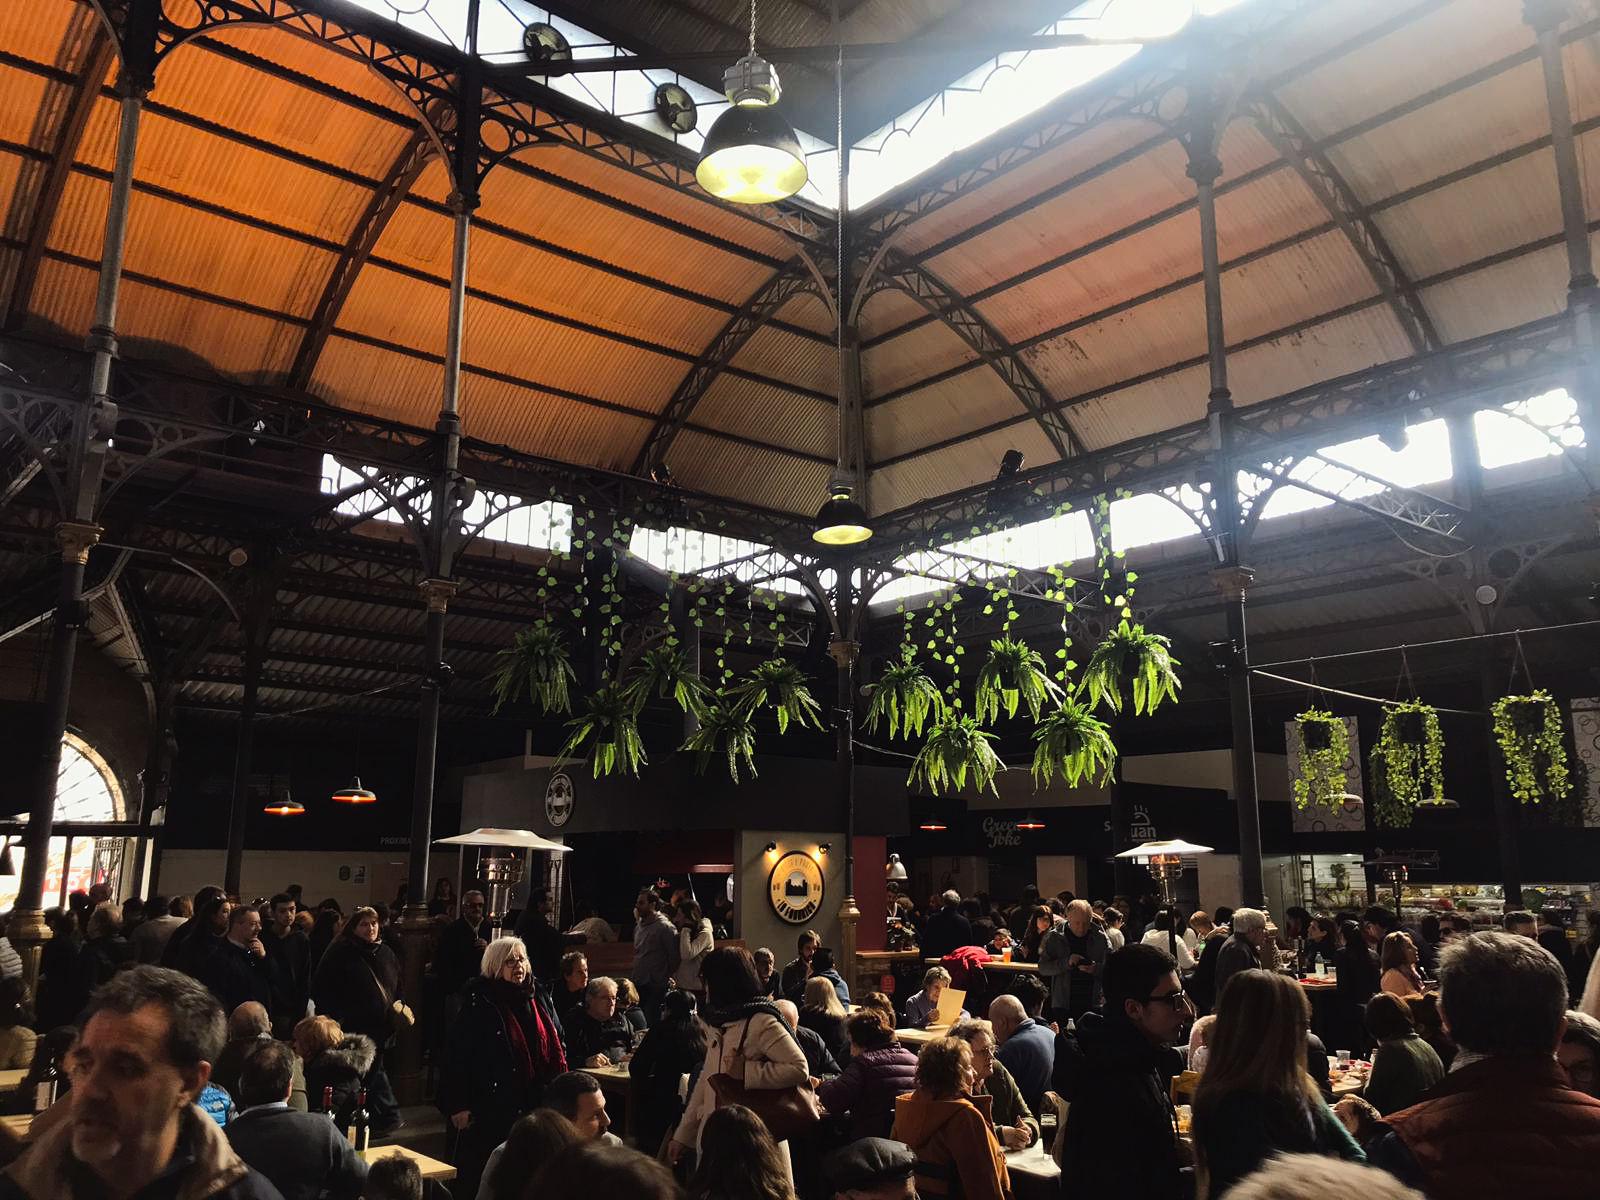 Mercado gastronomico em Montevideu